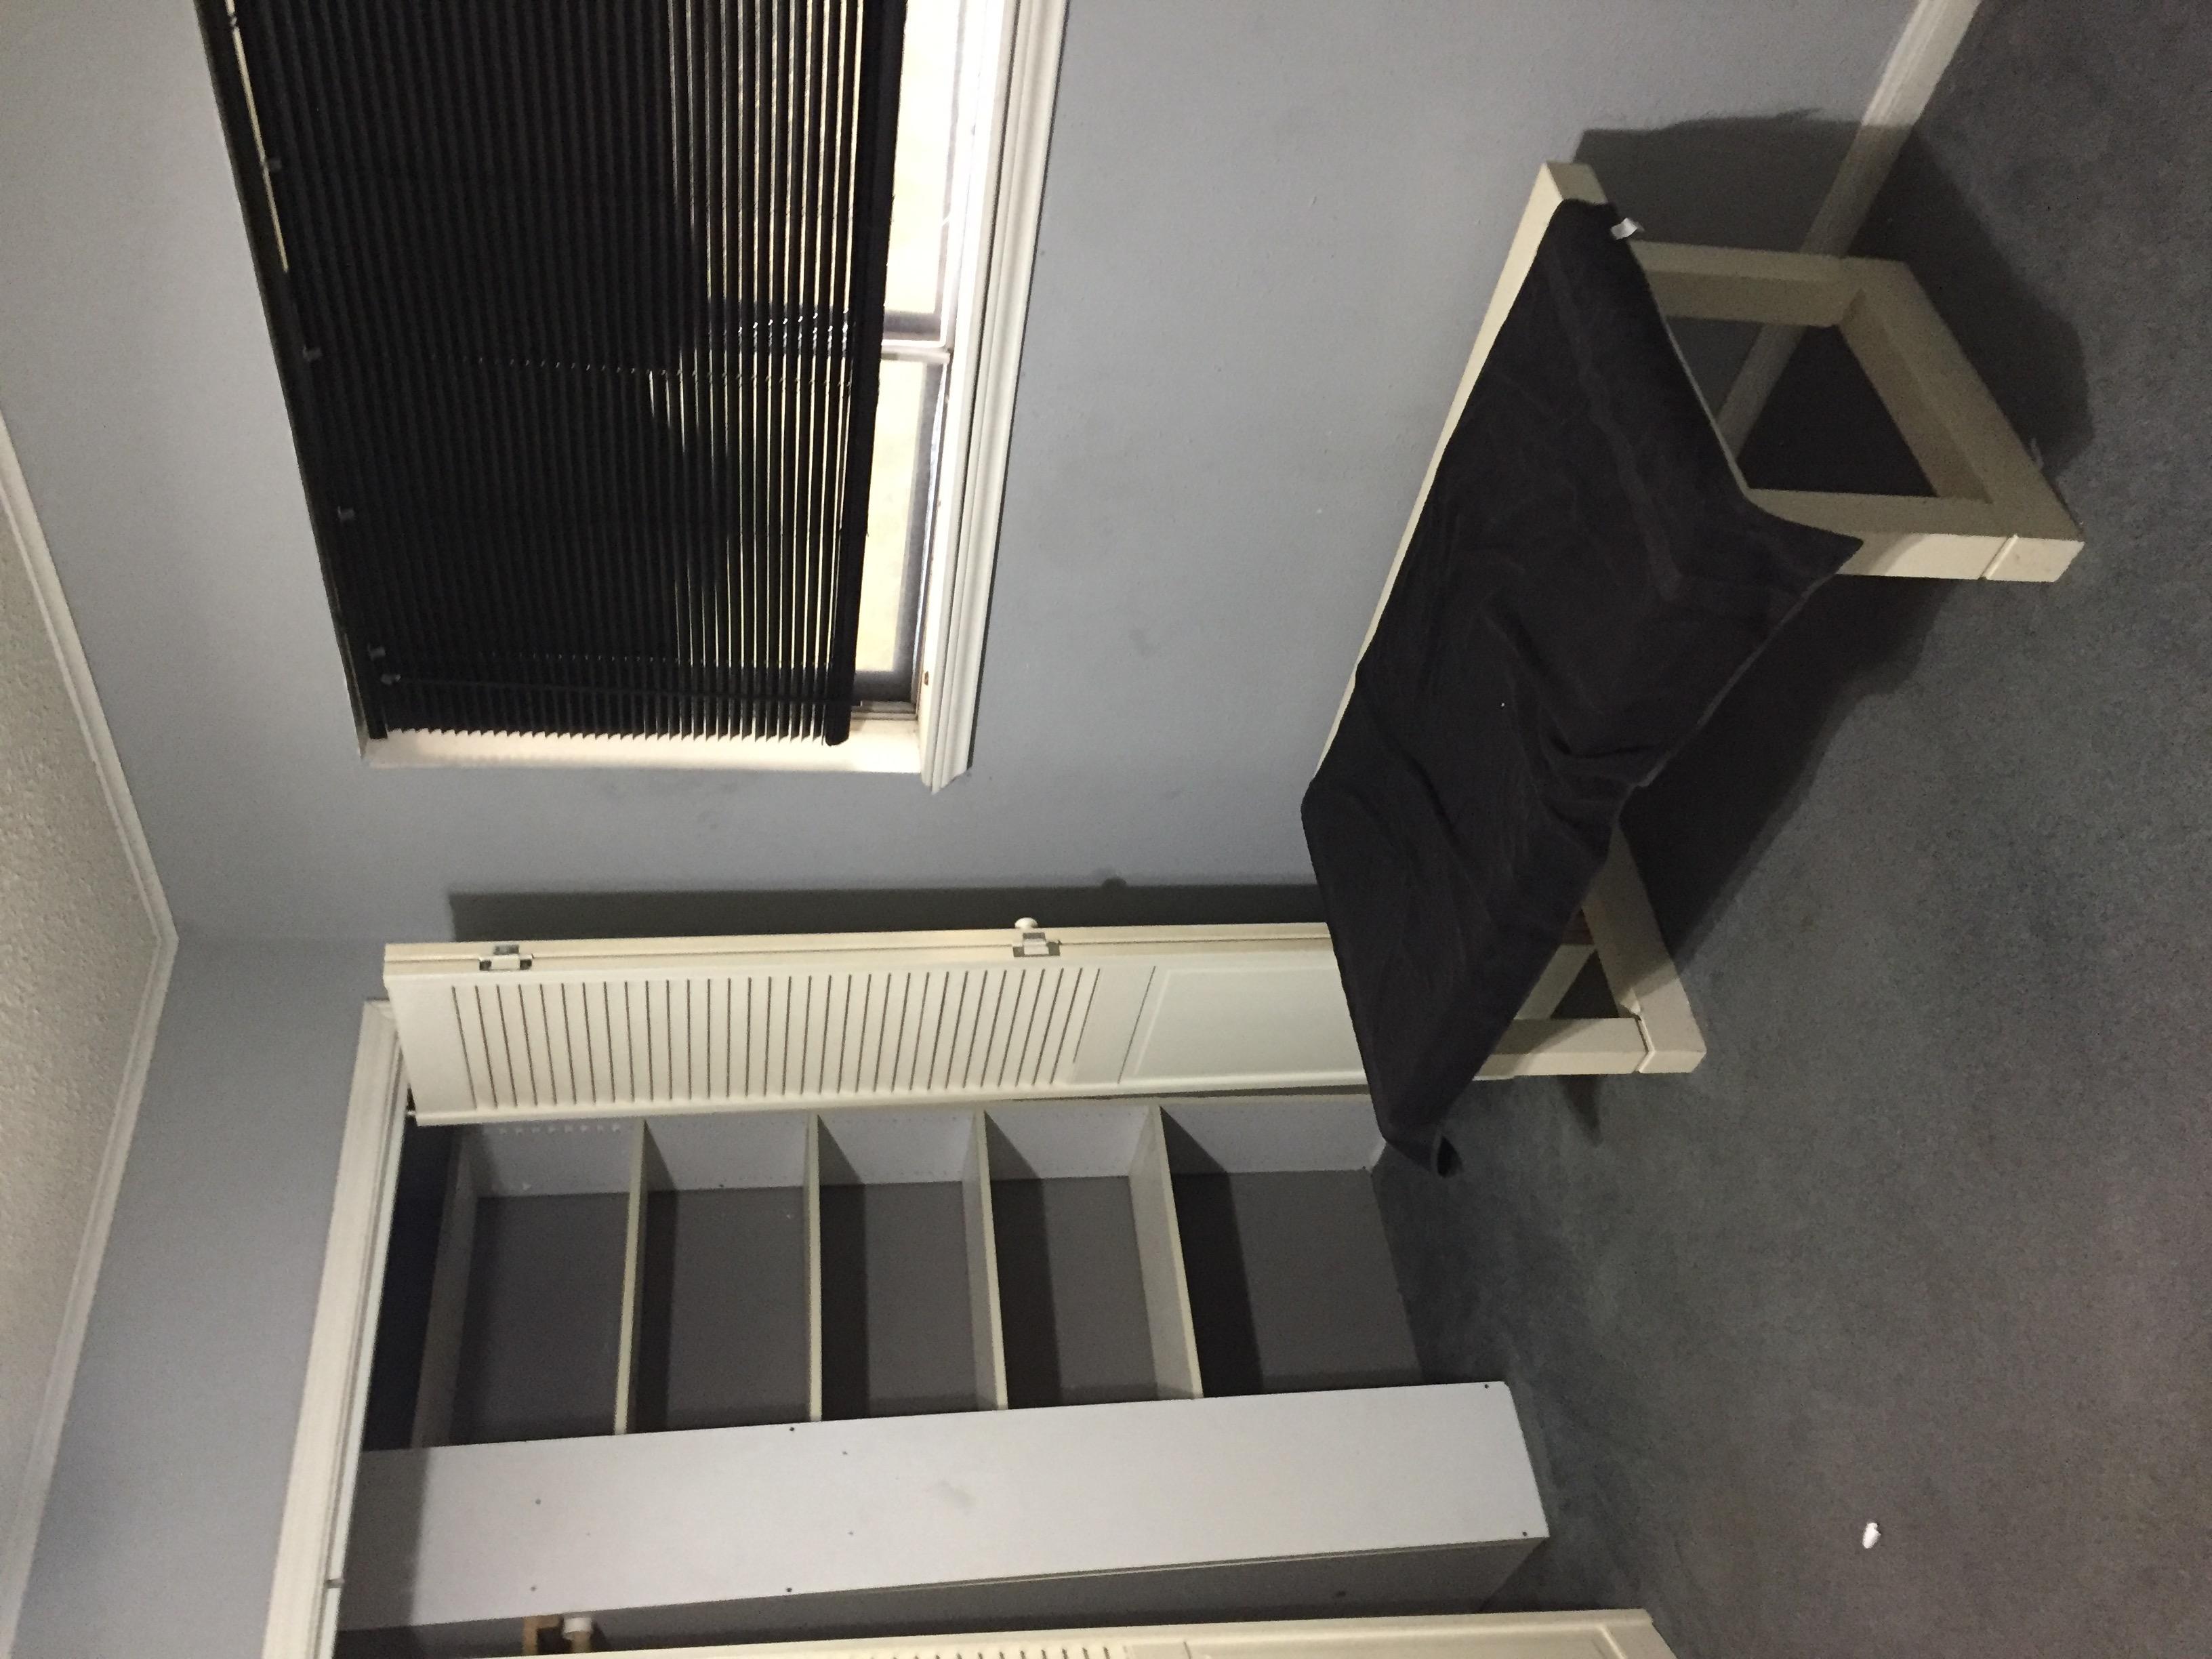 Cho thuê phòng zipcode 77089